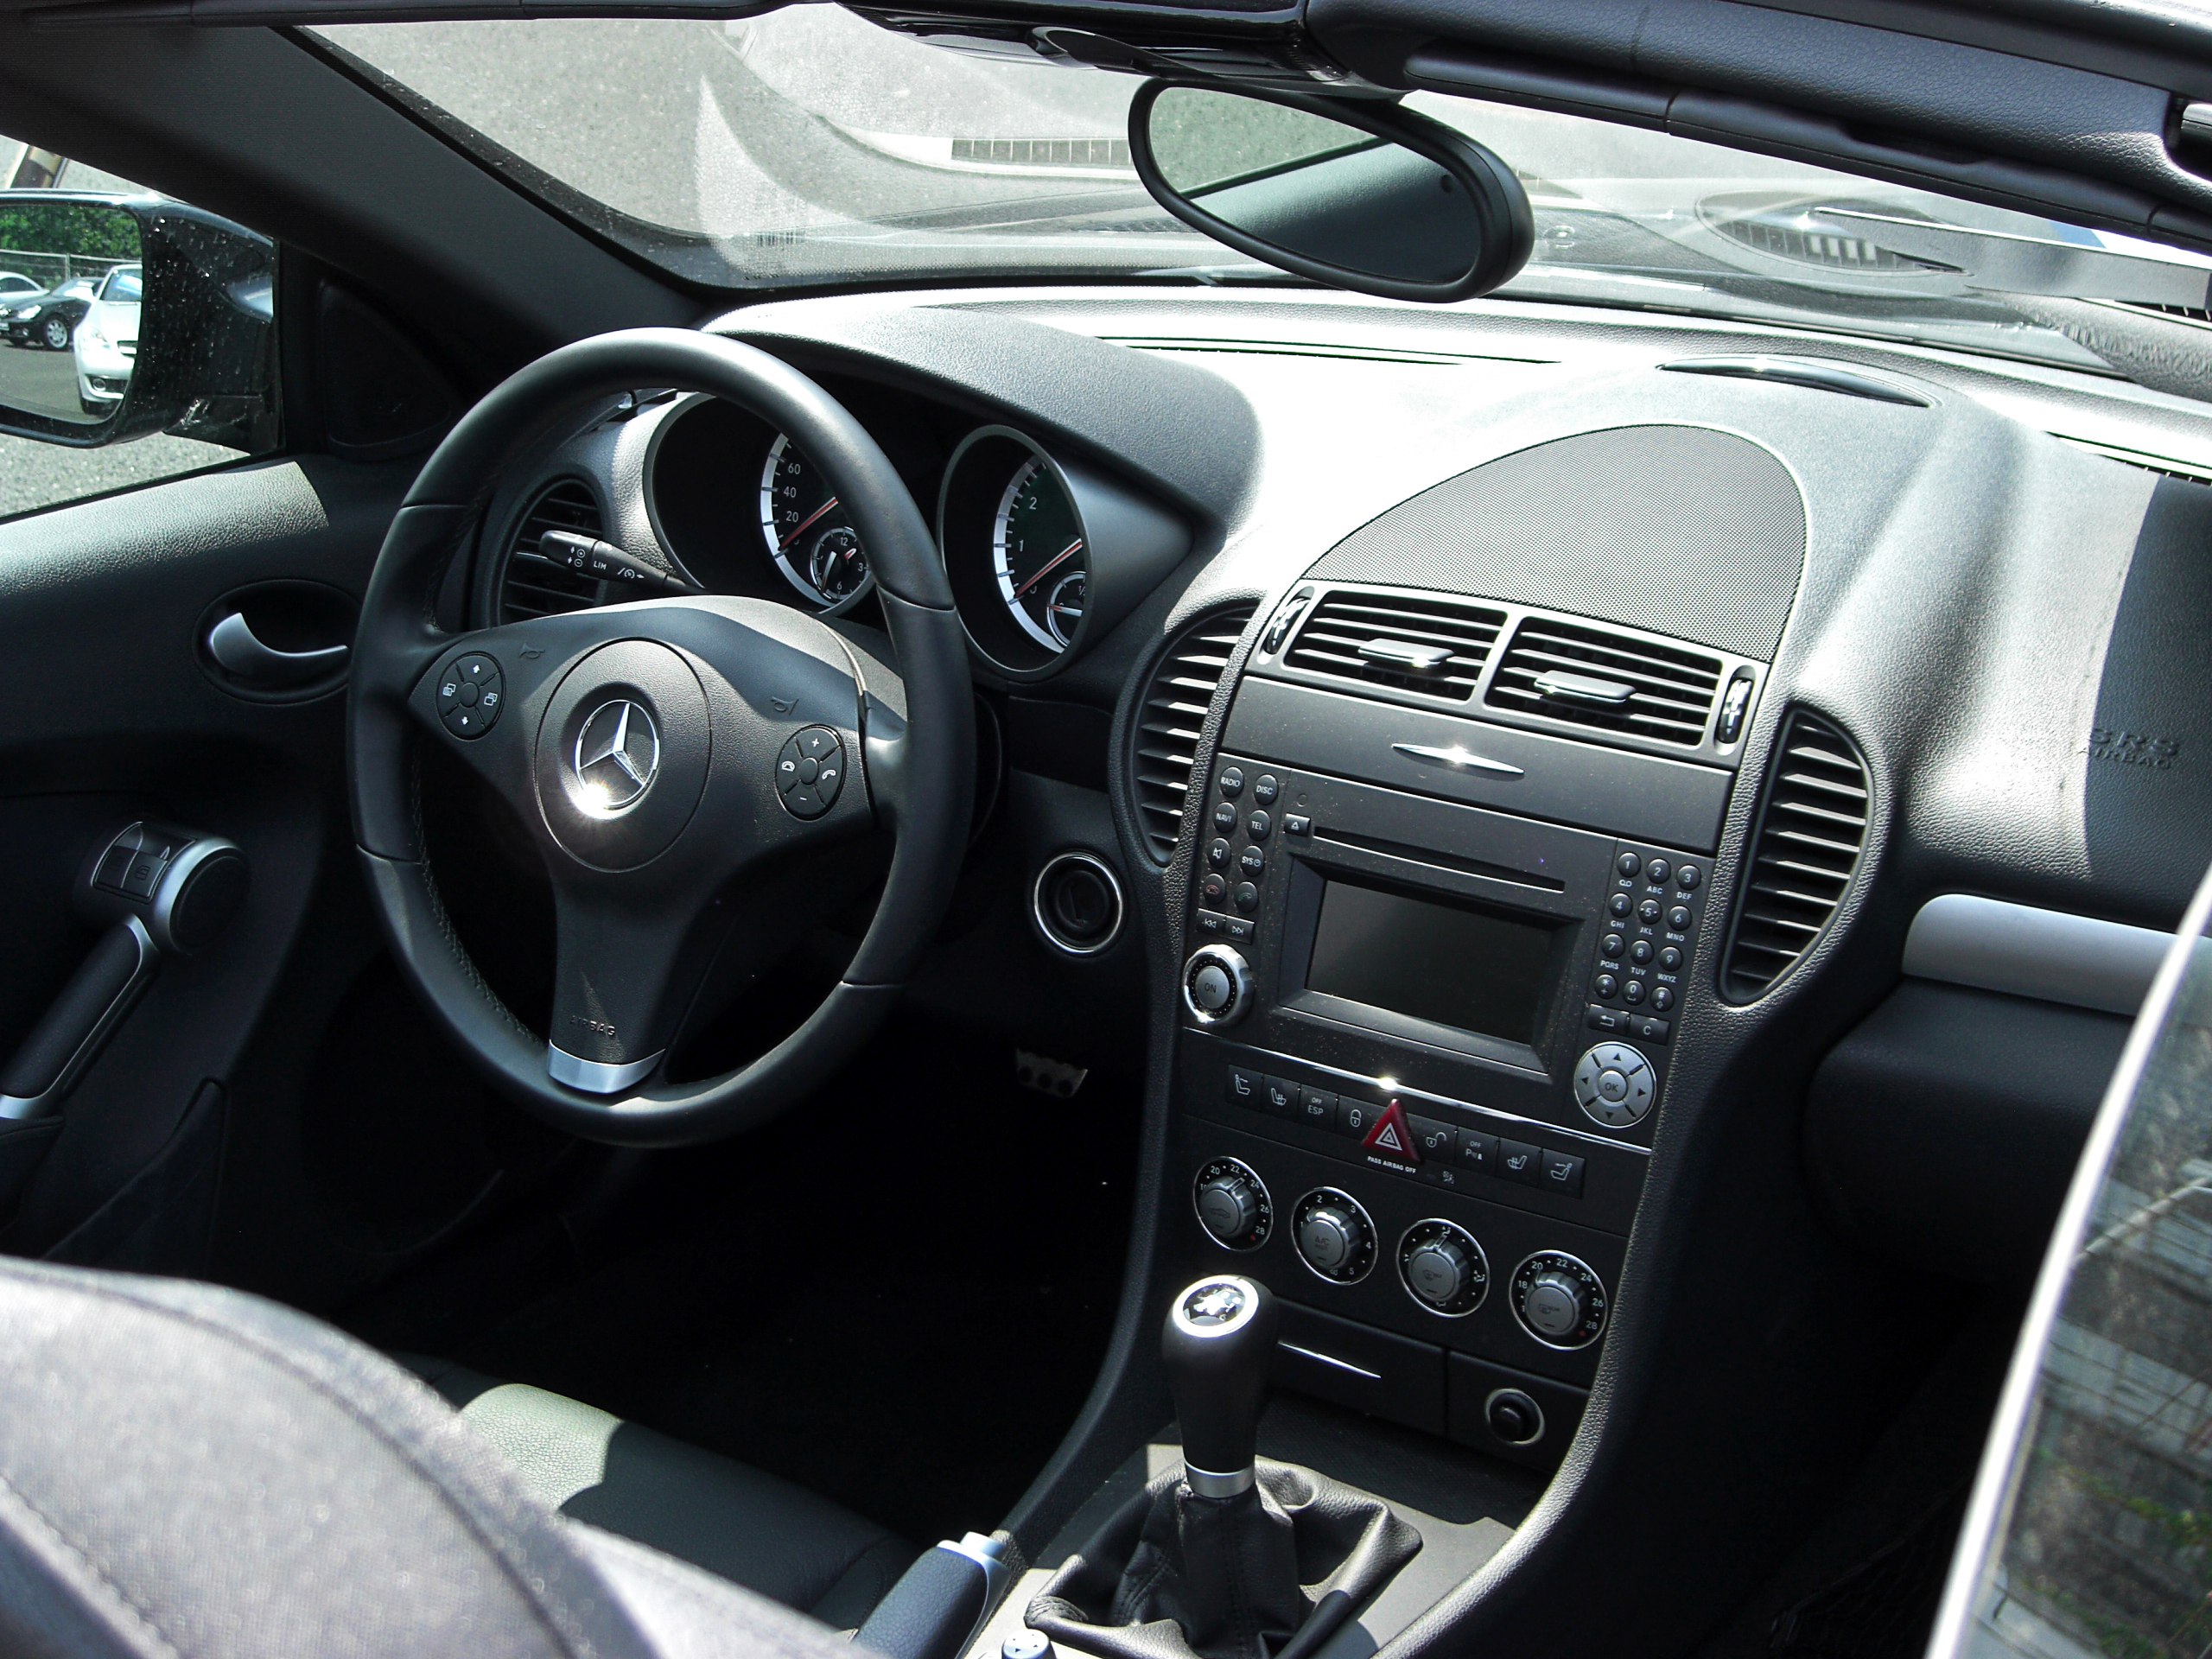 Mercedes Comand Aps Und Verst Ef Bf Bdrker Site Www Motor Talk De